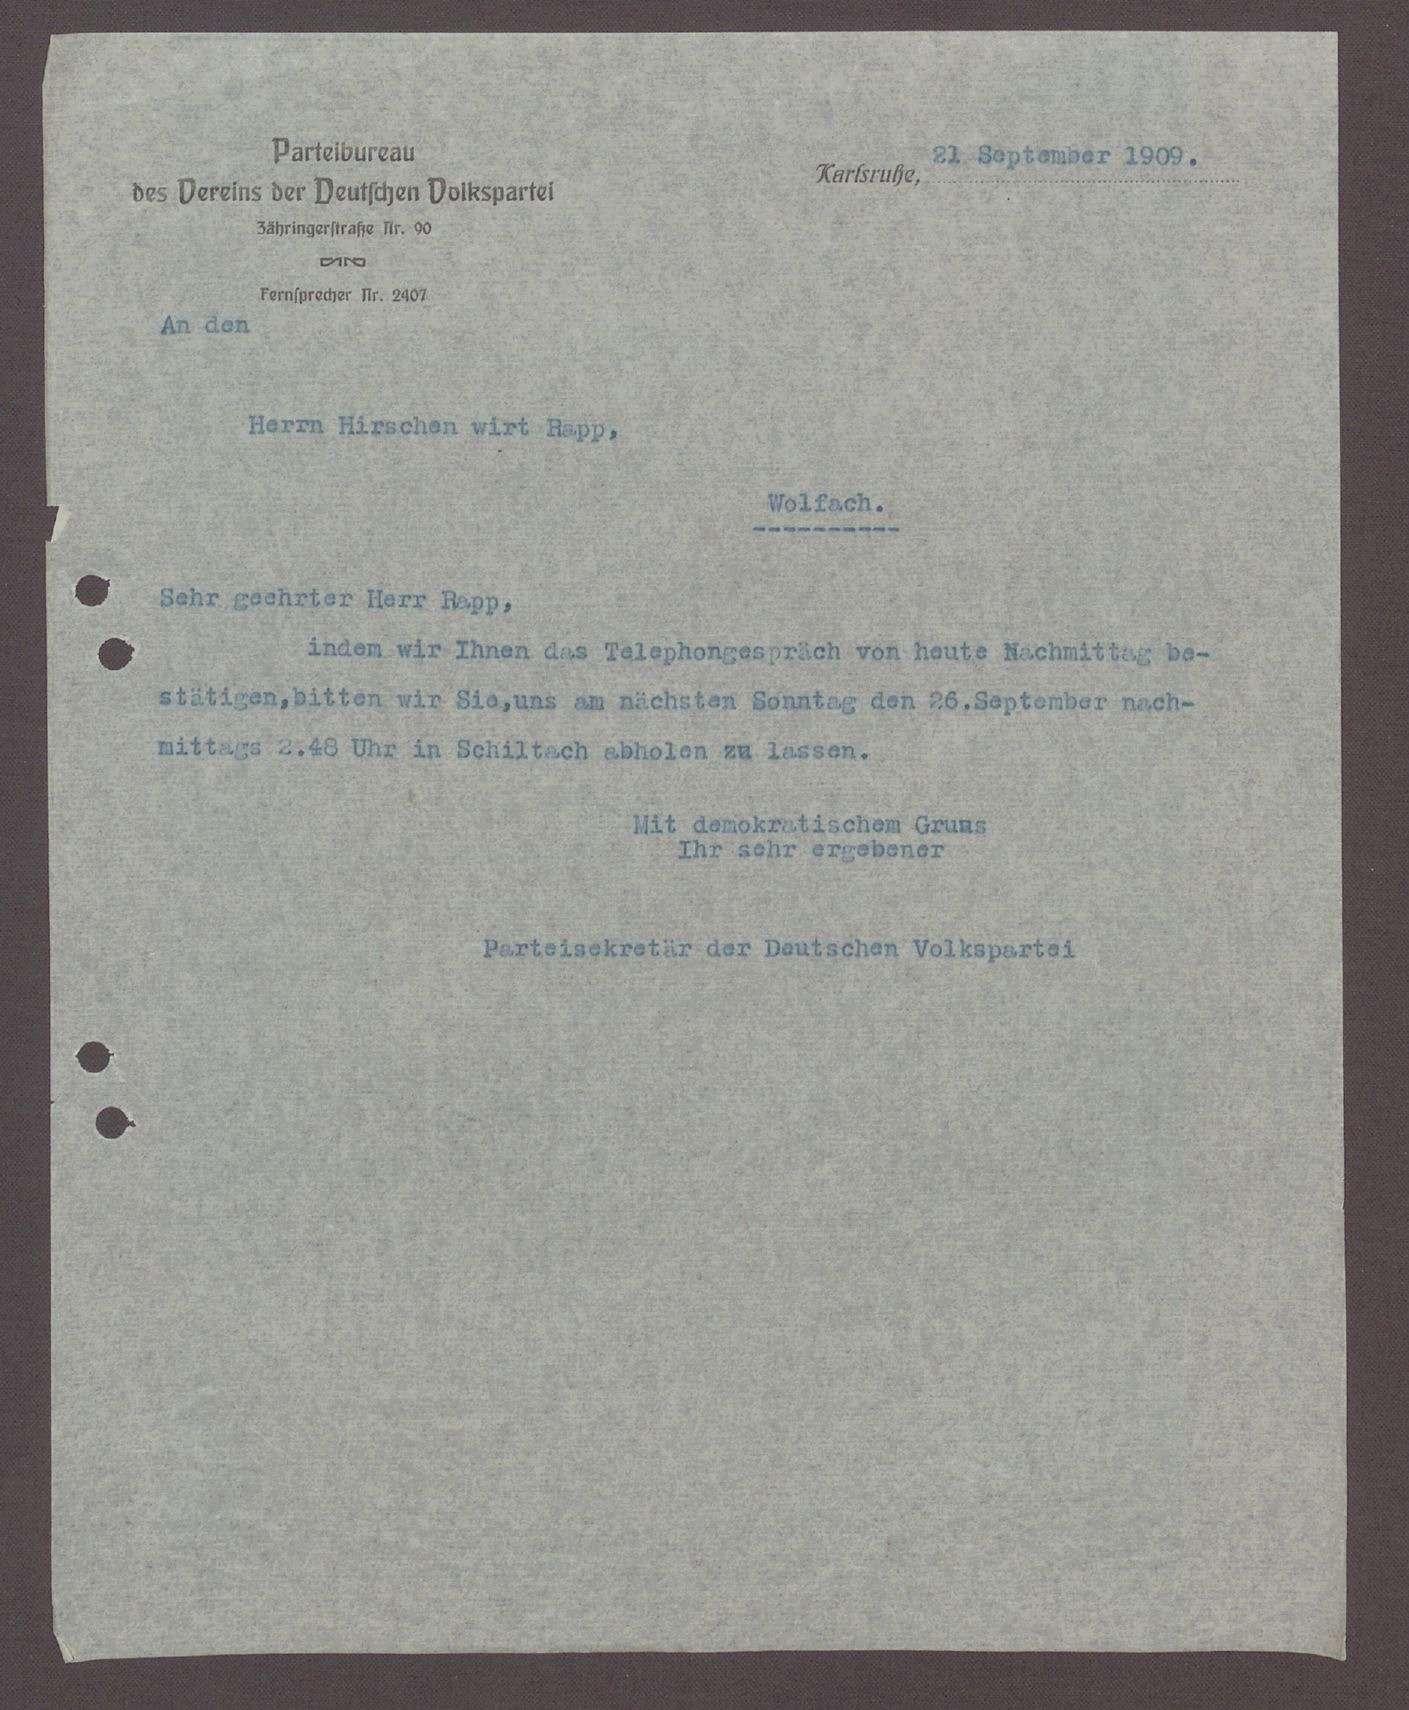 Schreiben von dem Parteisektretär der DVP an Herr Rapp, Gastwirt, Wolfach: Abholen aus des Herrn Sutter aus Schiltach, 1 Schreiben, Bild 1